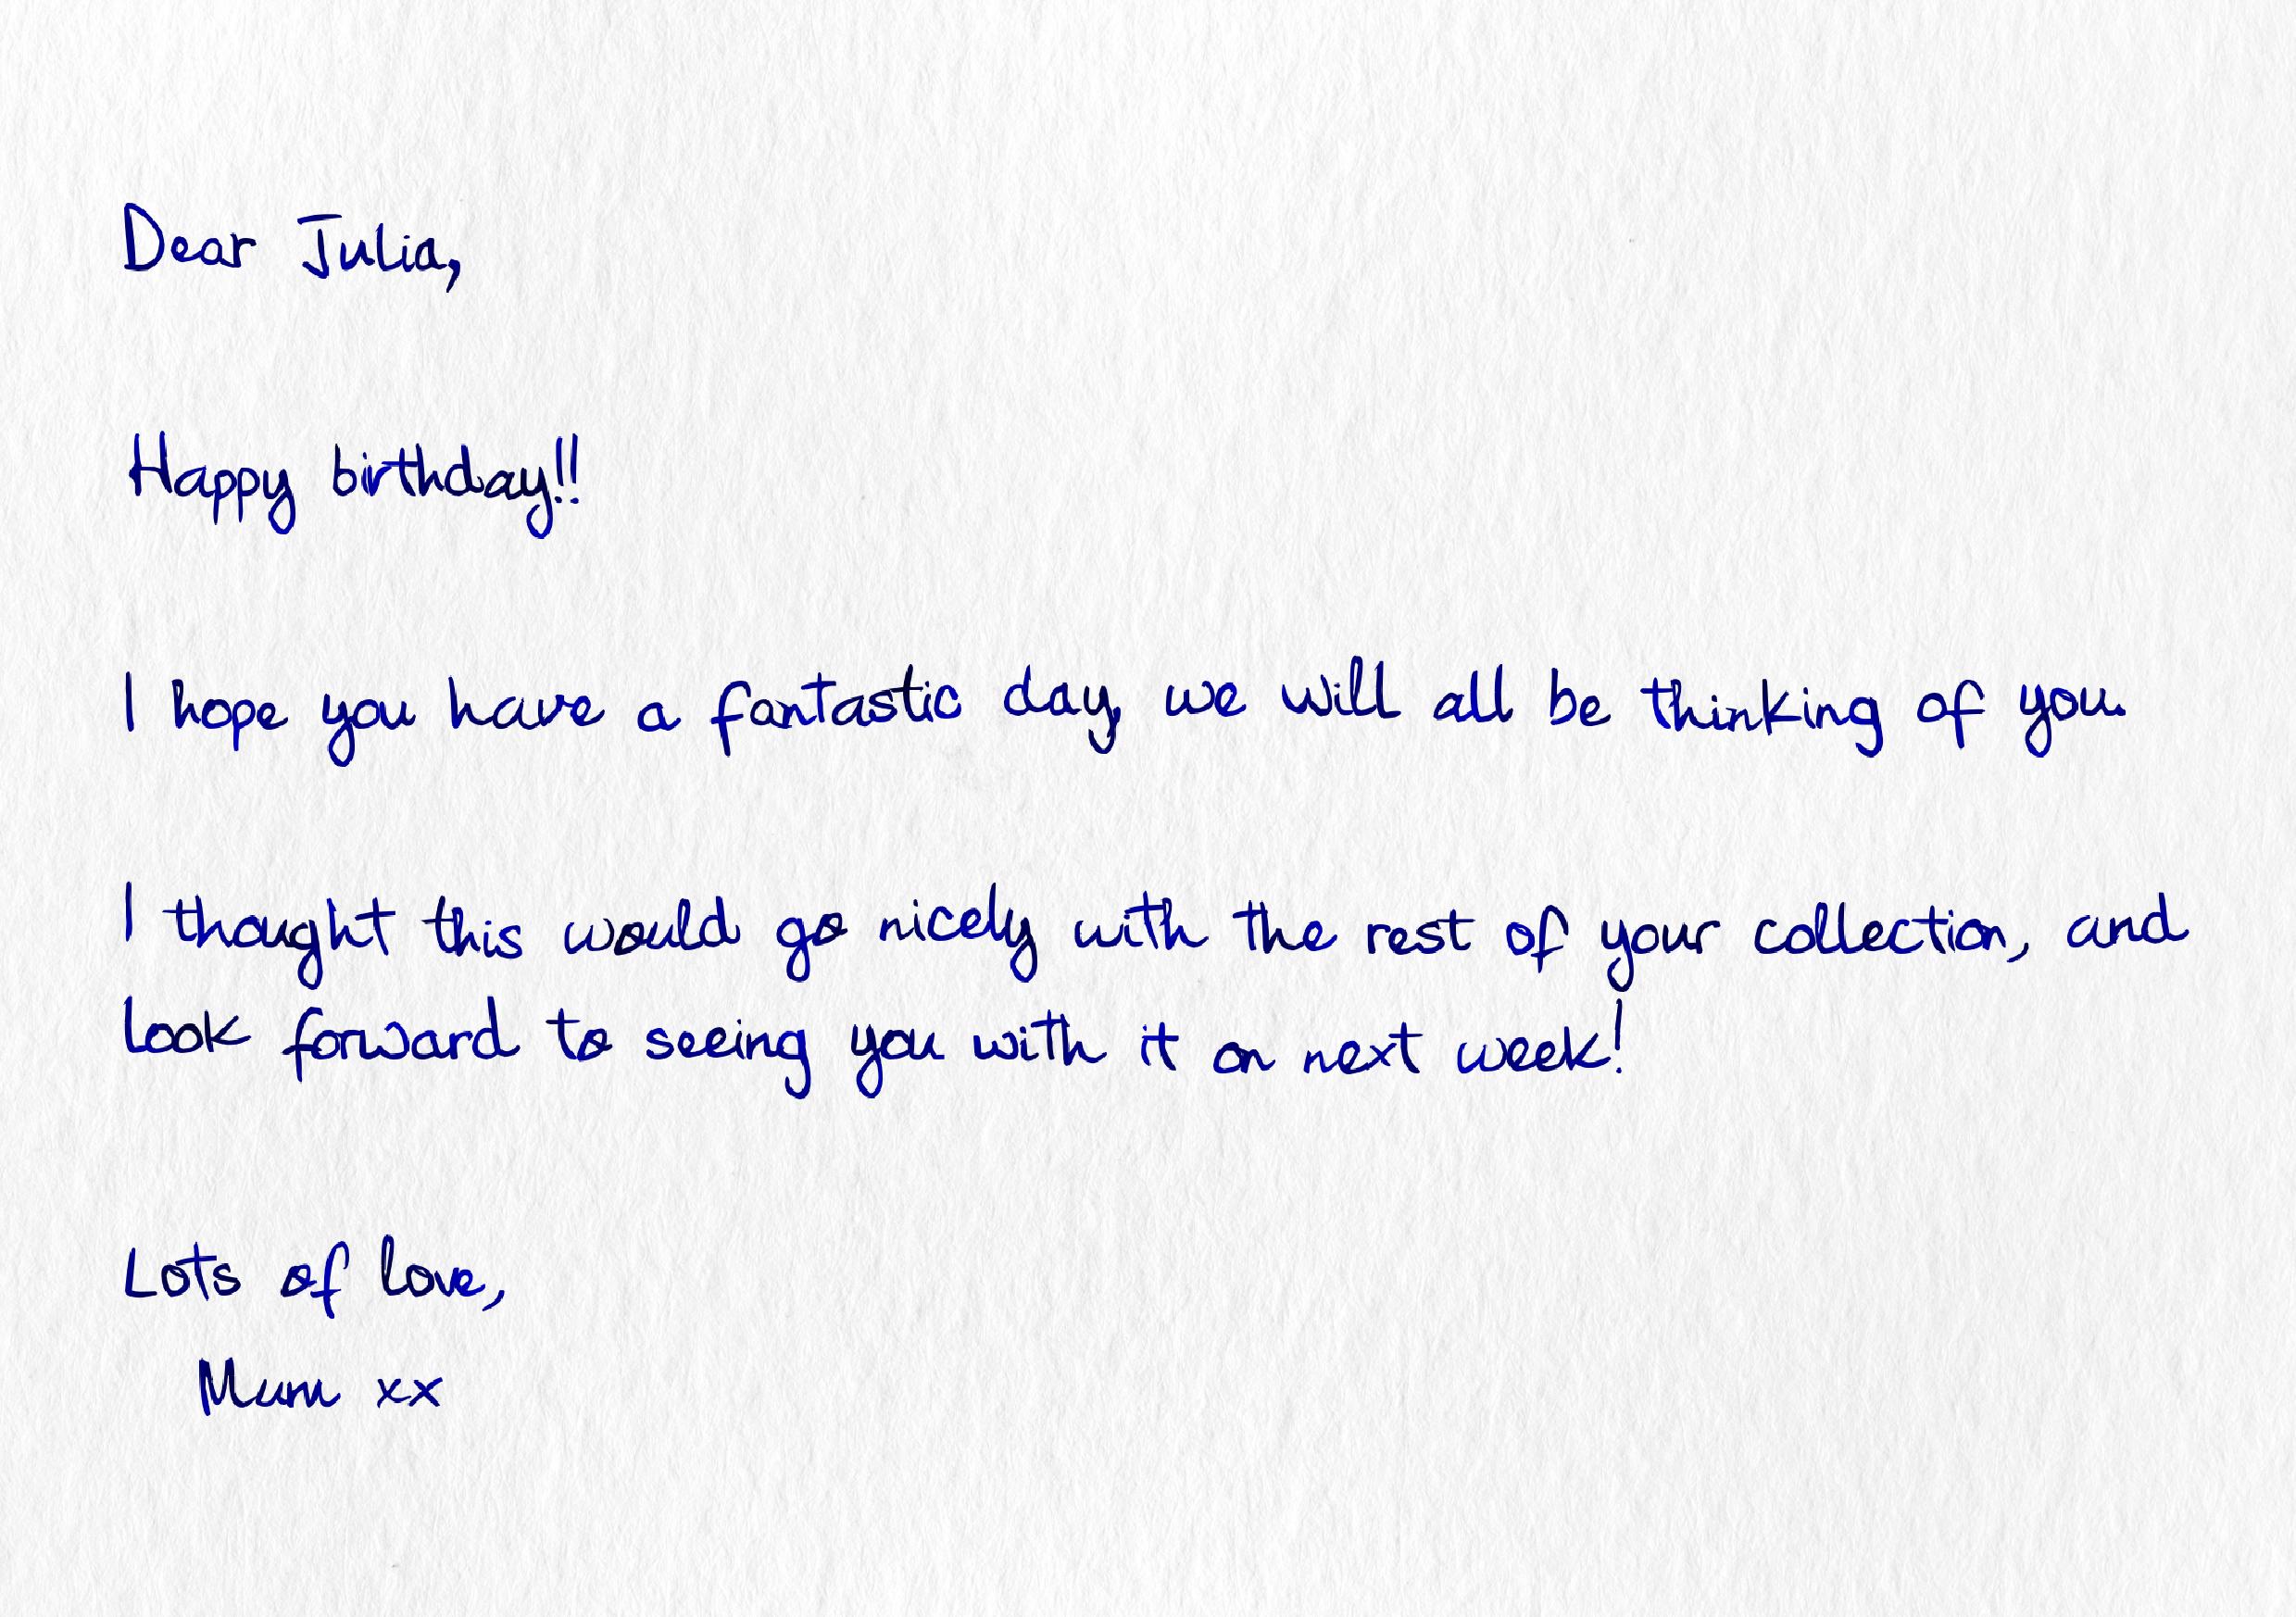 A handwritten gift note